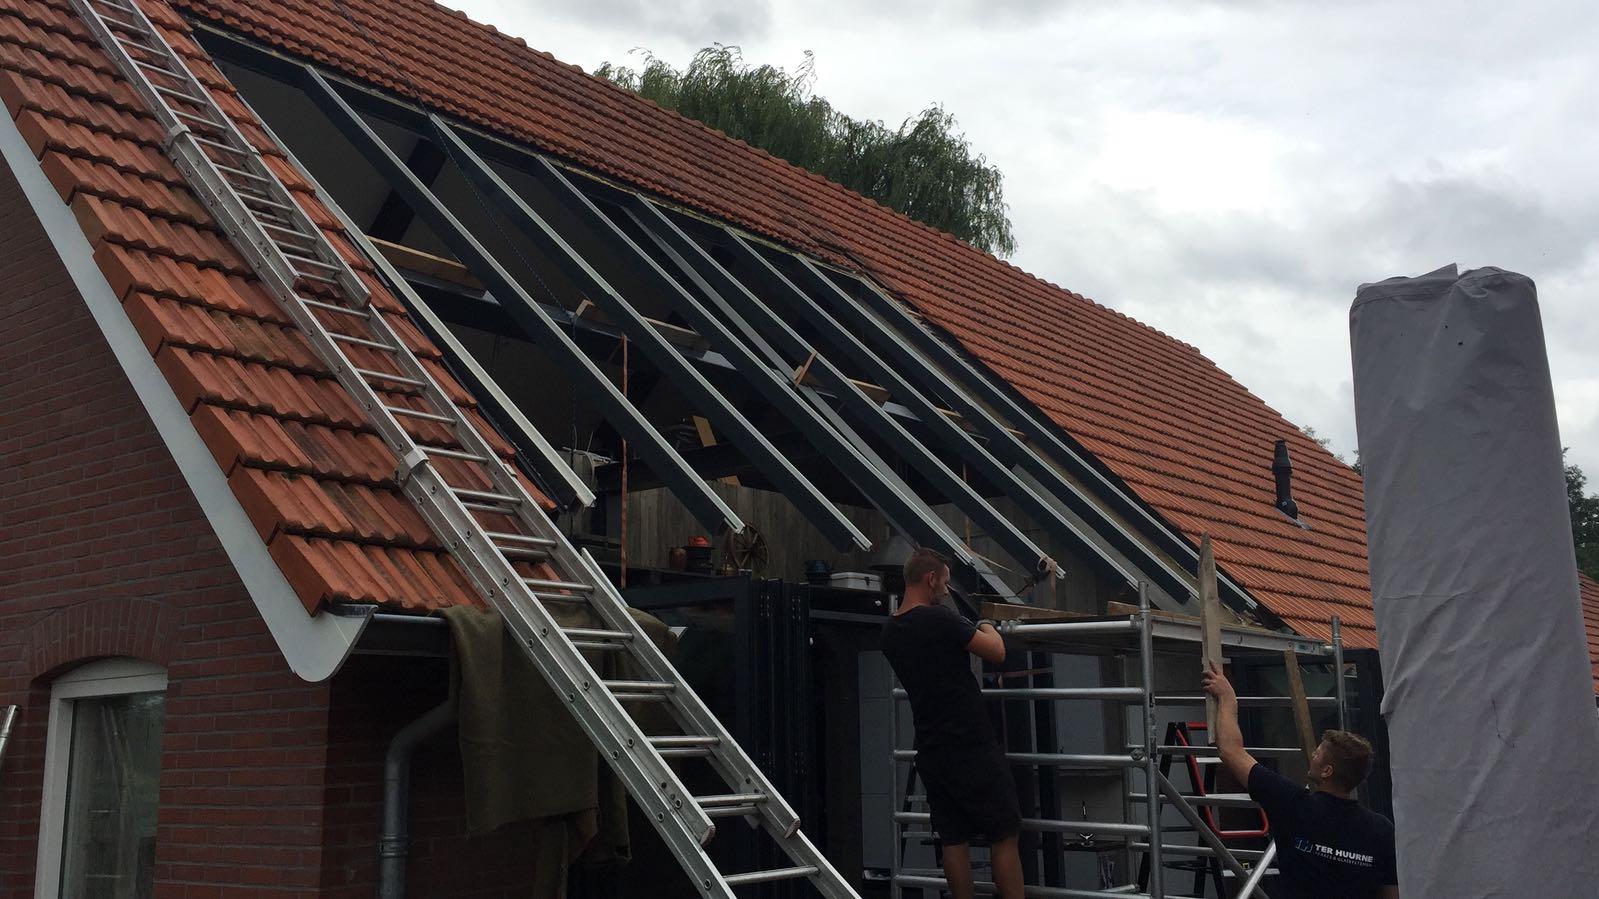 Serre in huis met schuin dak in aanbouw.